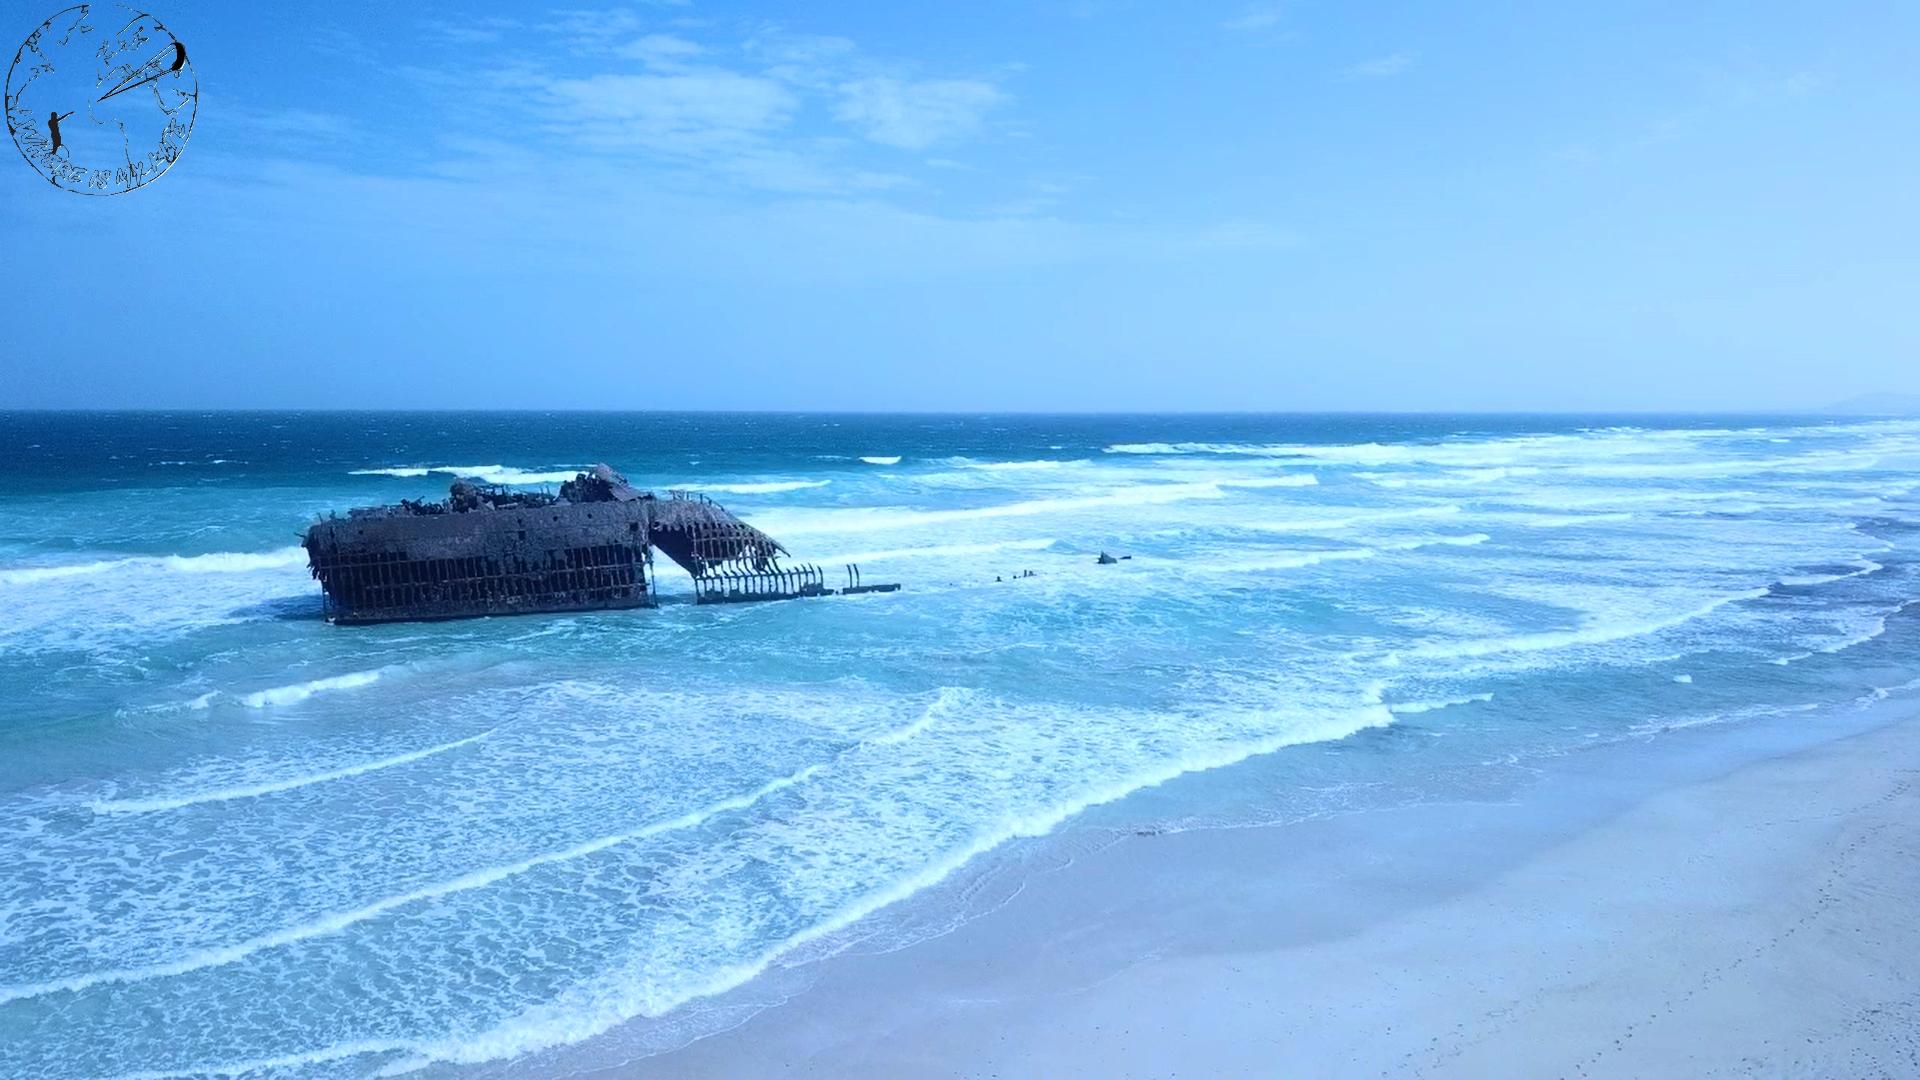 Praia da Atalanta, spot de kite, vue du ciel, épave, Boa Vista, Cap Vert